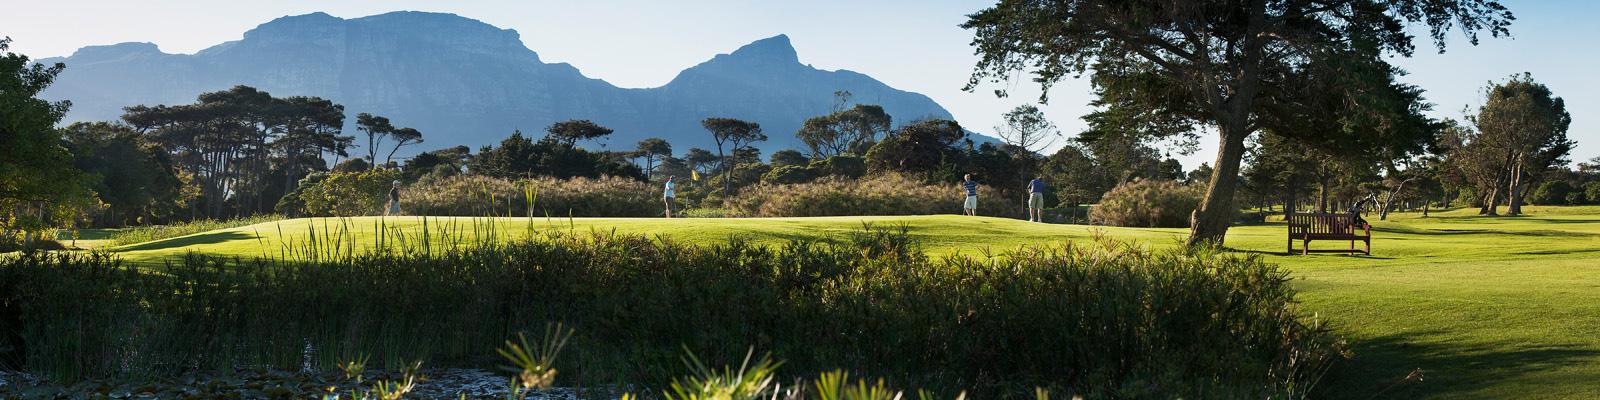 16+ Cape royal golf club reviews ideas in 2021